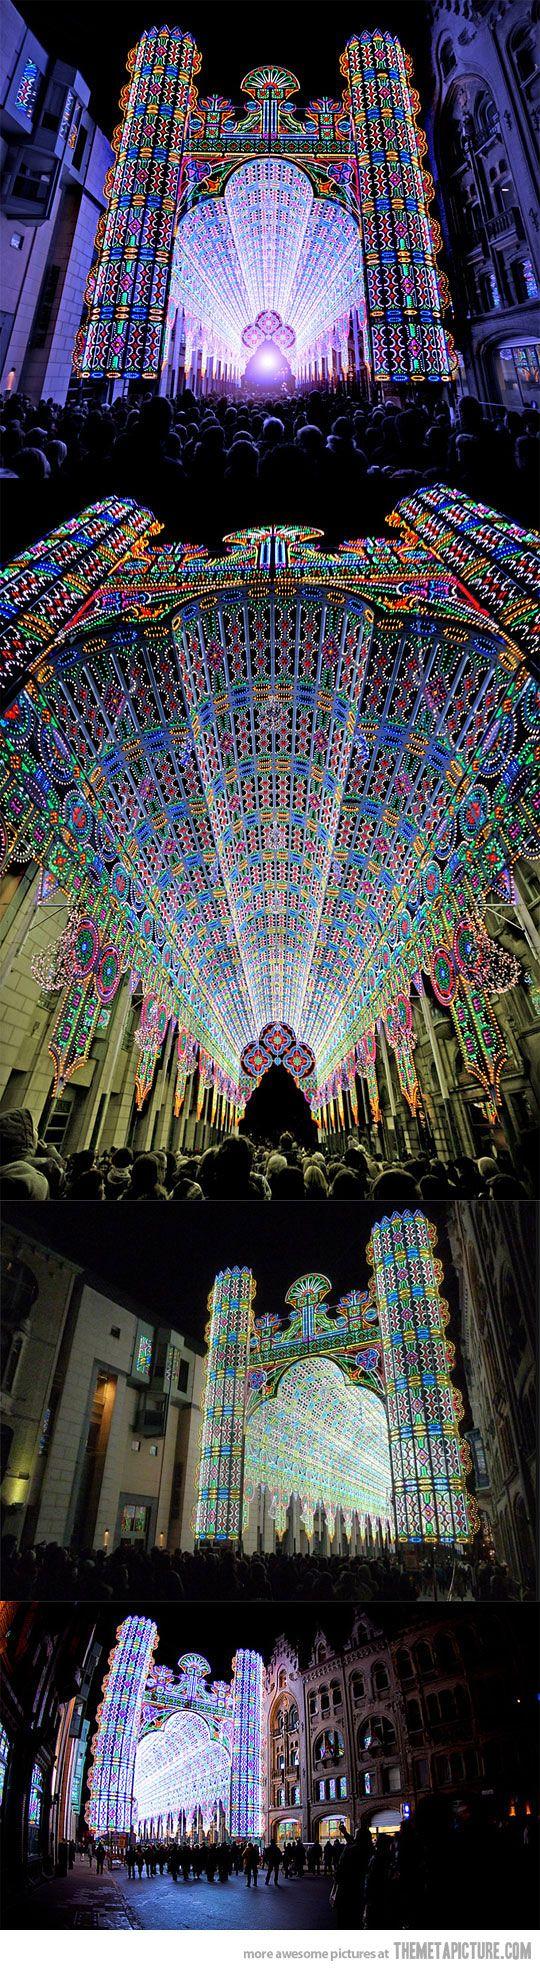 Light Festival in Ghent, Belgium